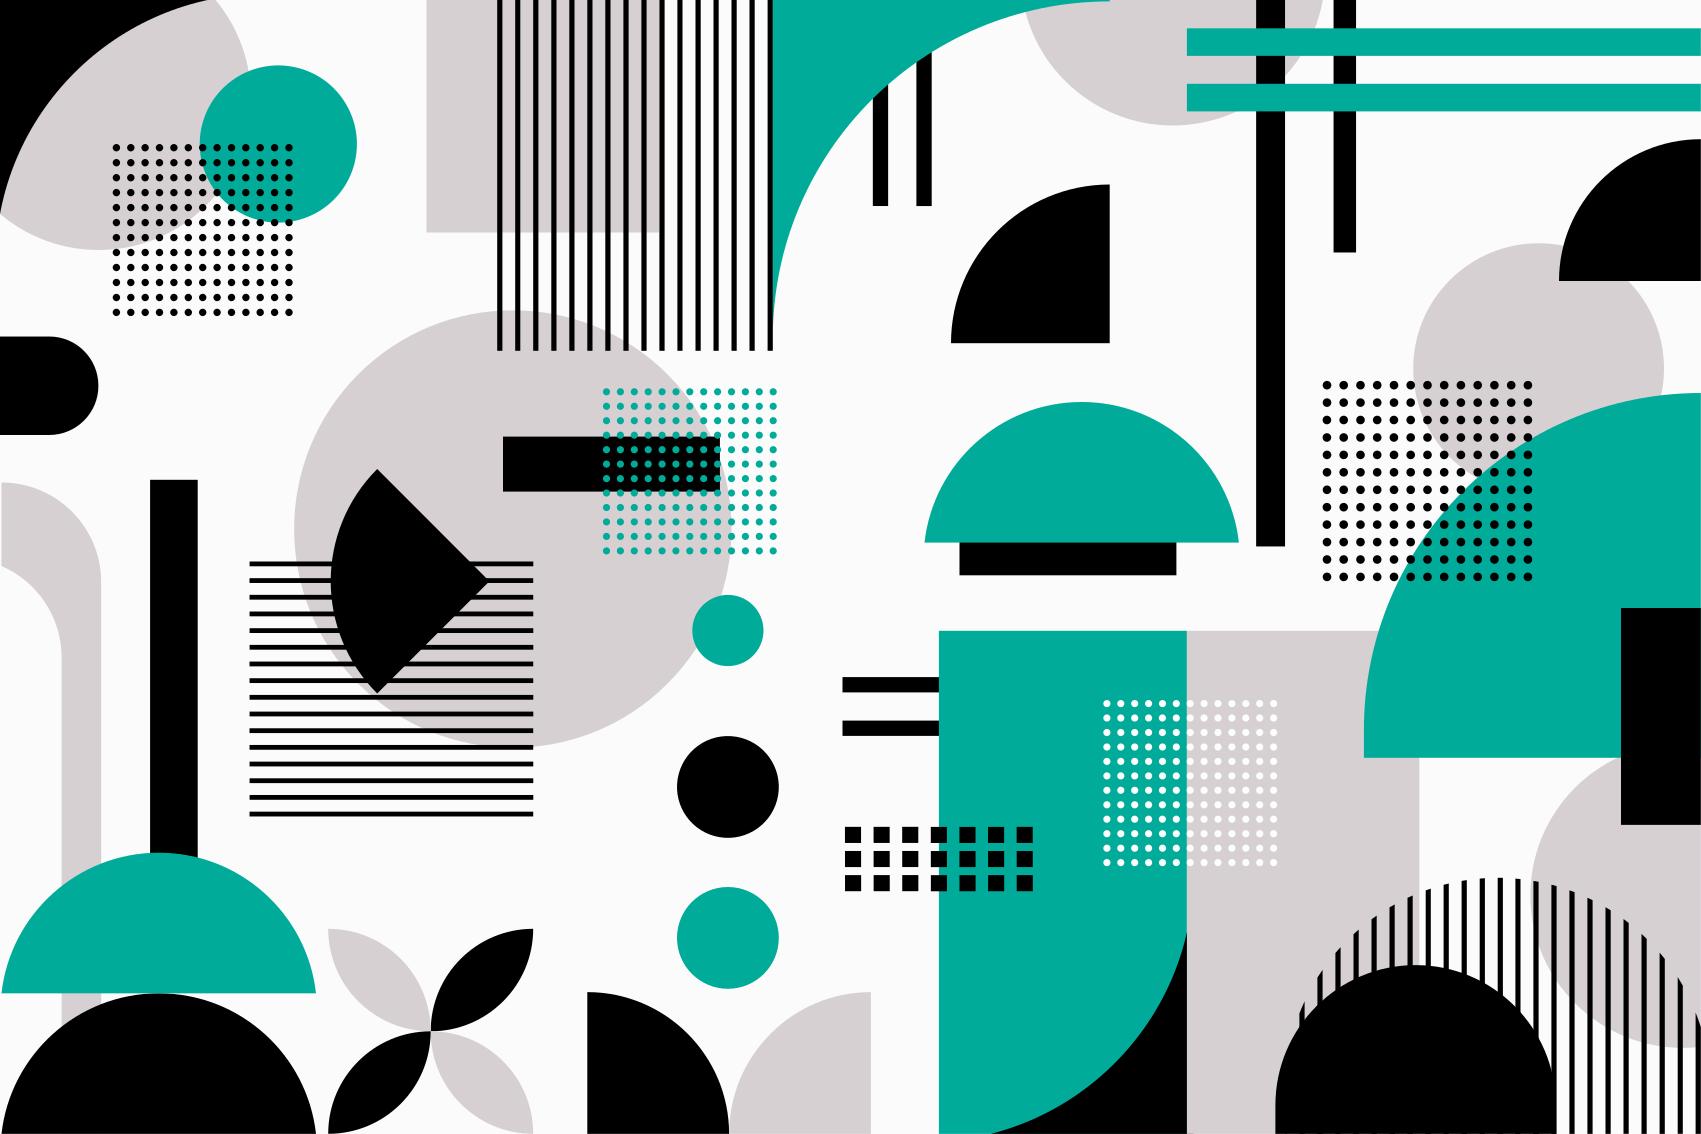 TenStickers. Tapete de vinil de forma geométrica moderna. Tapete de vinil geométrico que apresenta um padrão de várias formas abstratas sobrepostas e cruzadas. Escolha o seu tamanho.